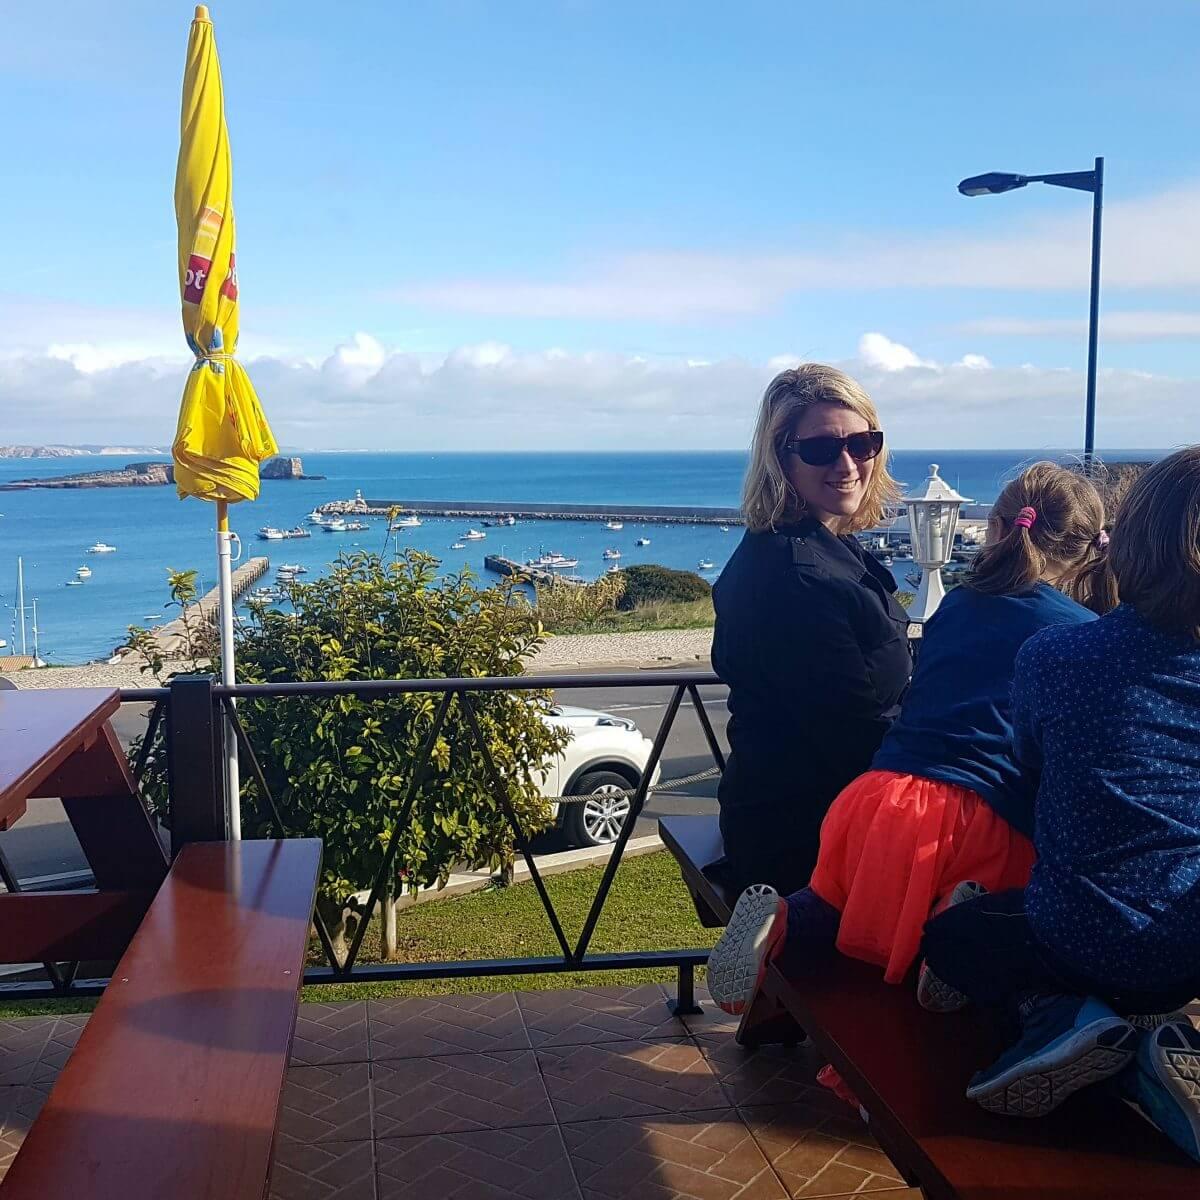 De leukste kindvriendelijke restaurants in de Algarve - Childfriendly restaurants Algarve with kids - Restaurant Batedor Sagres kindvriendelijk aan het water zee sea